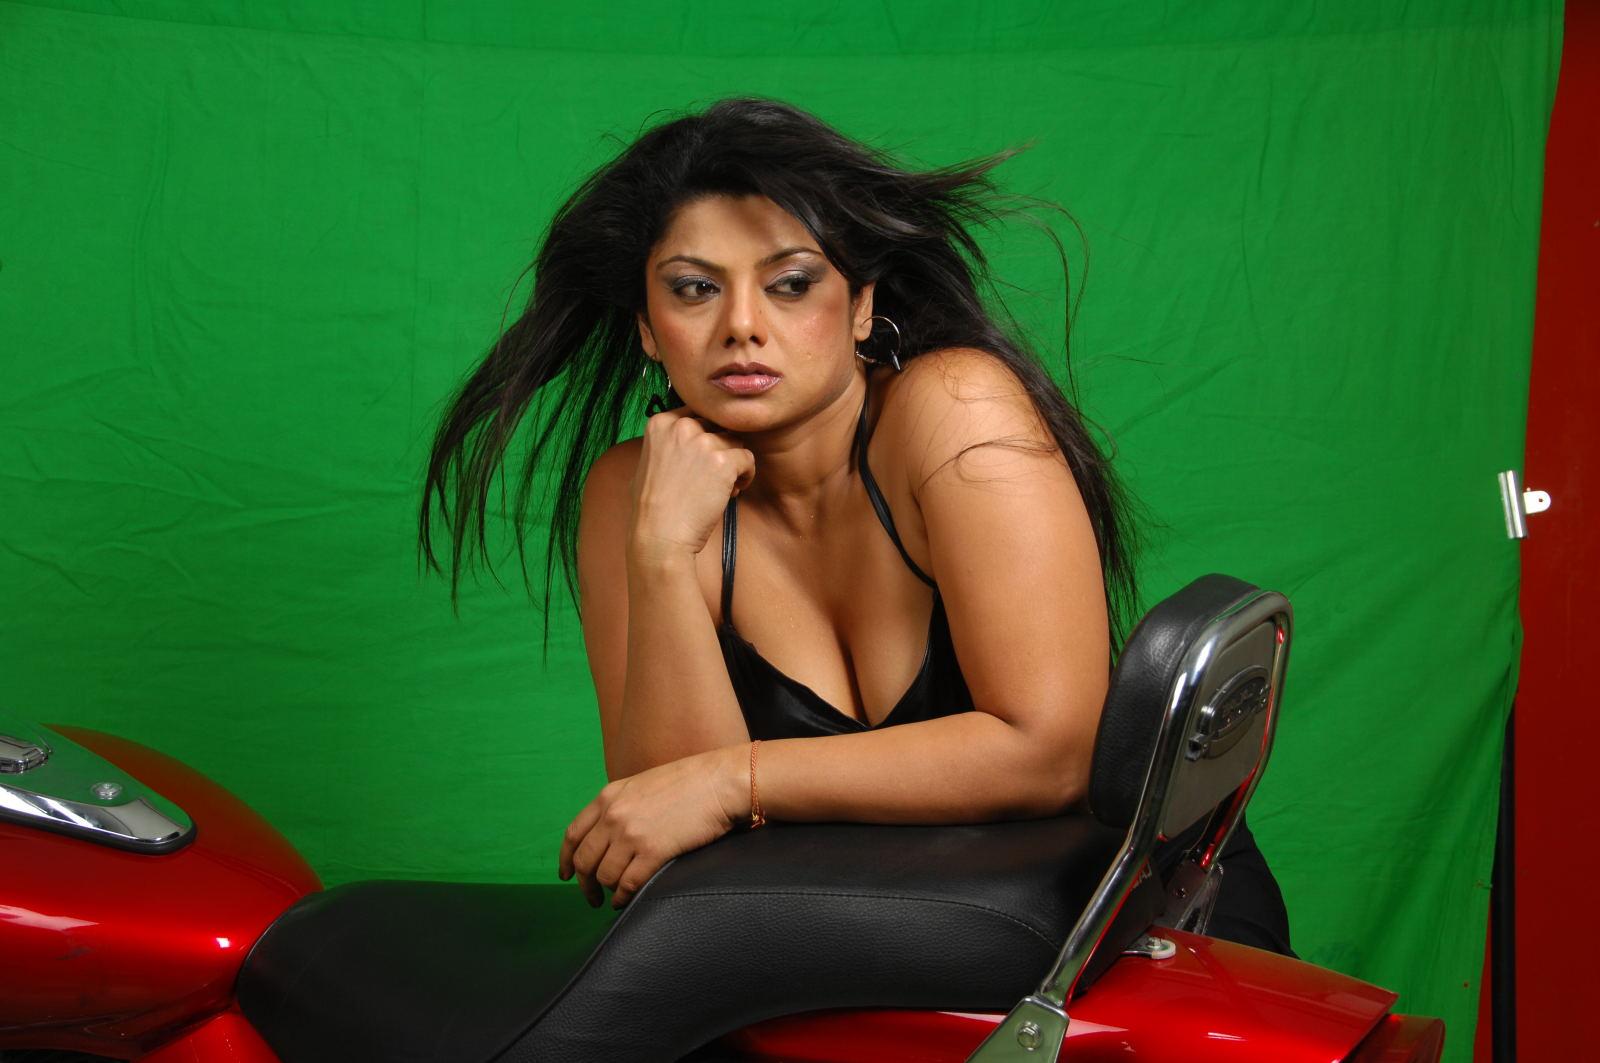 Swati Verma Hot